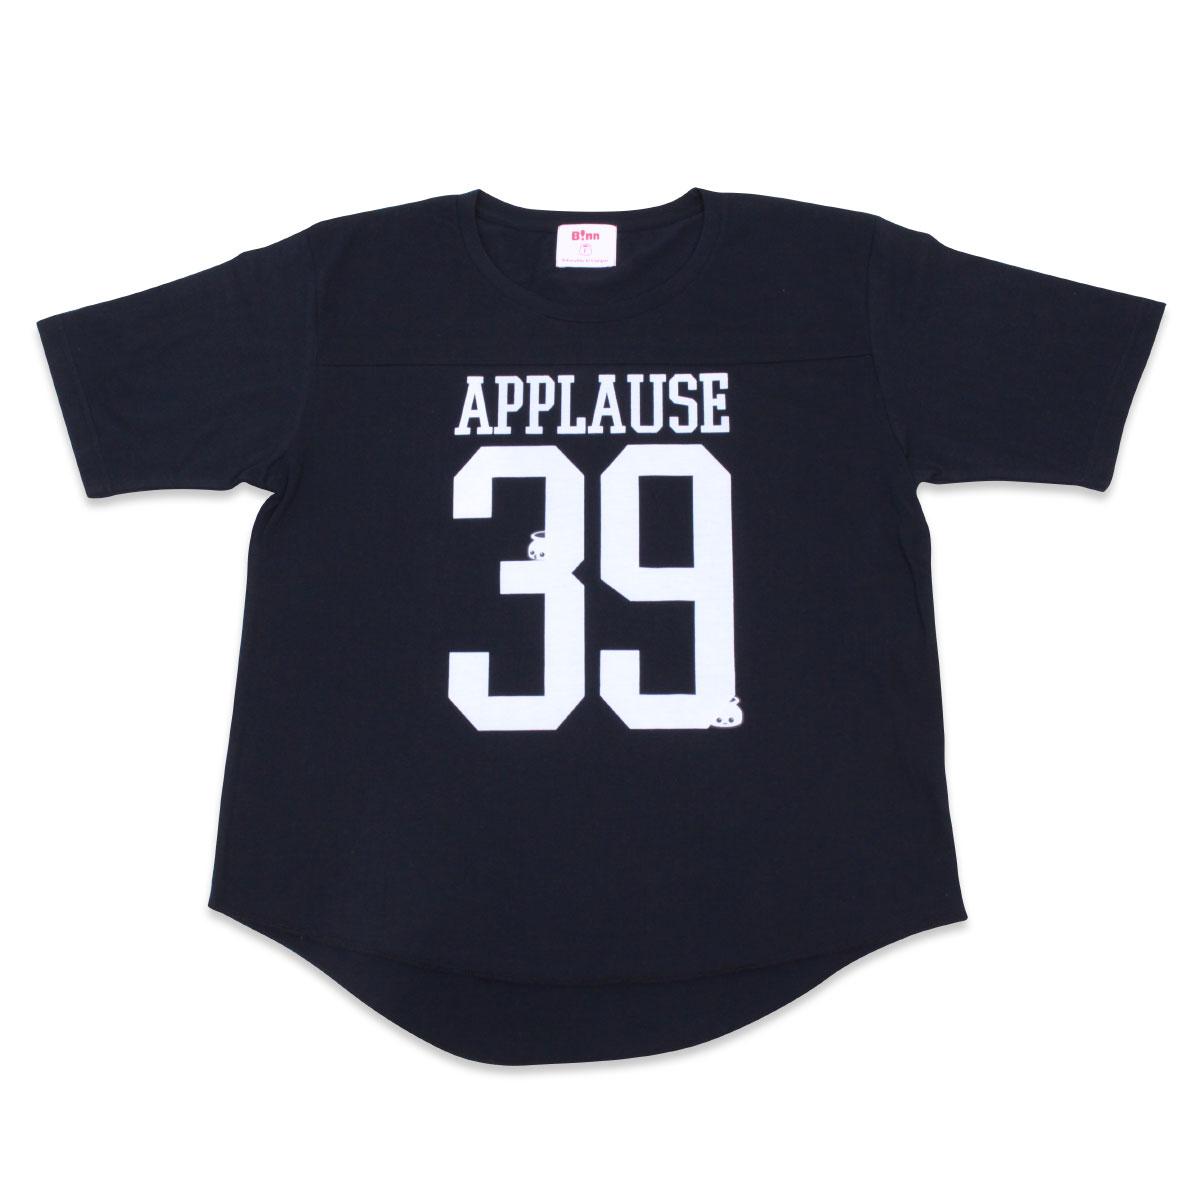 applause フットボールT(Black)